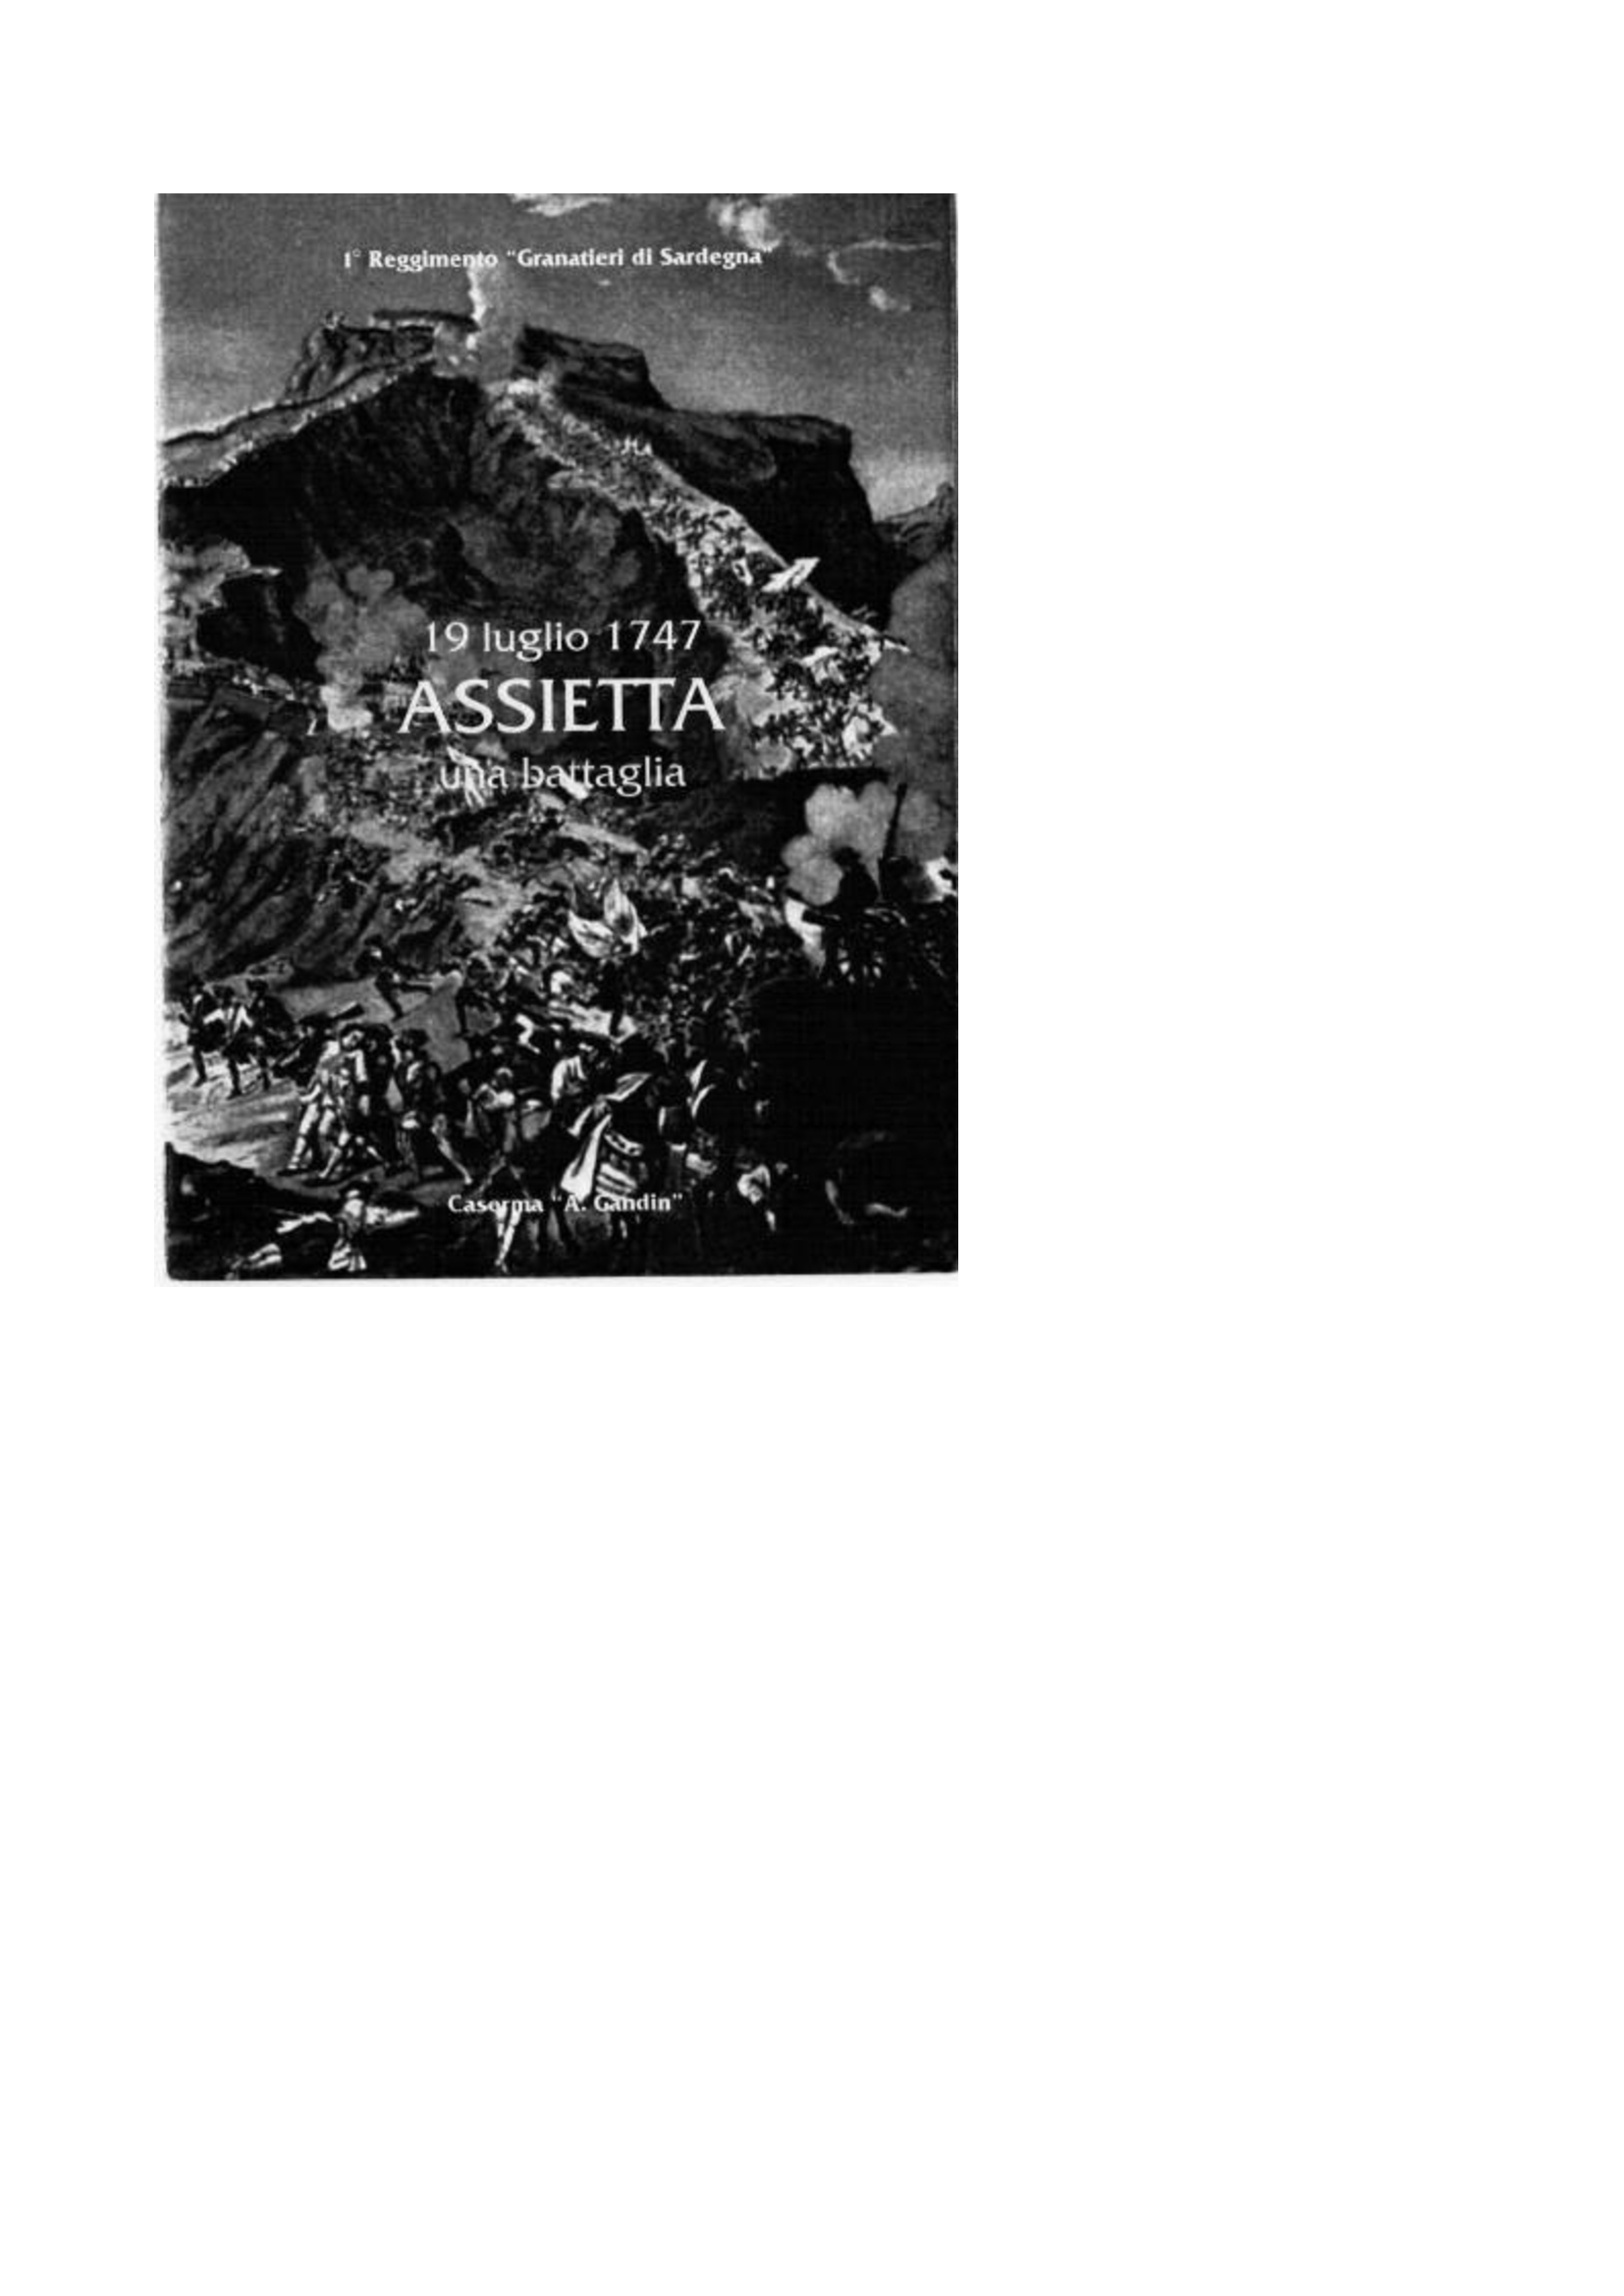 19 luglio 1747 ASSIETTA una Battaglia